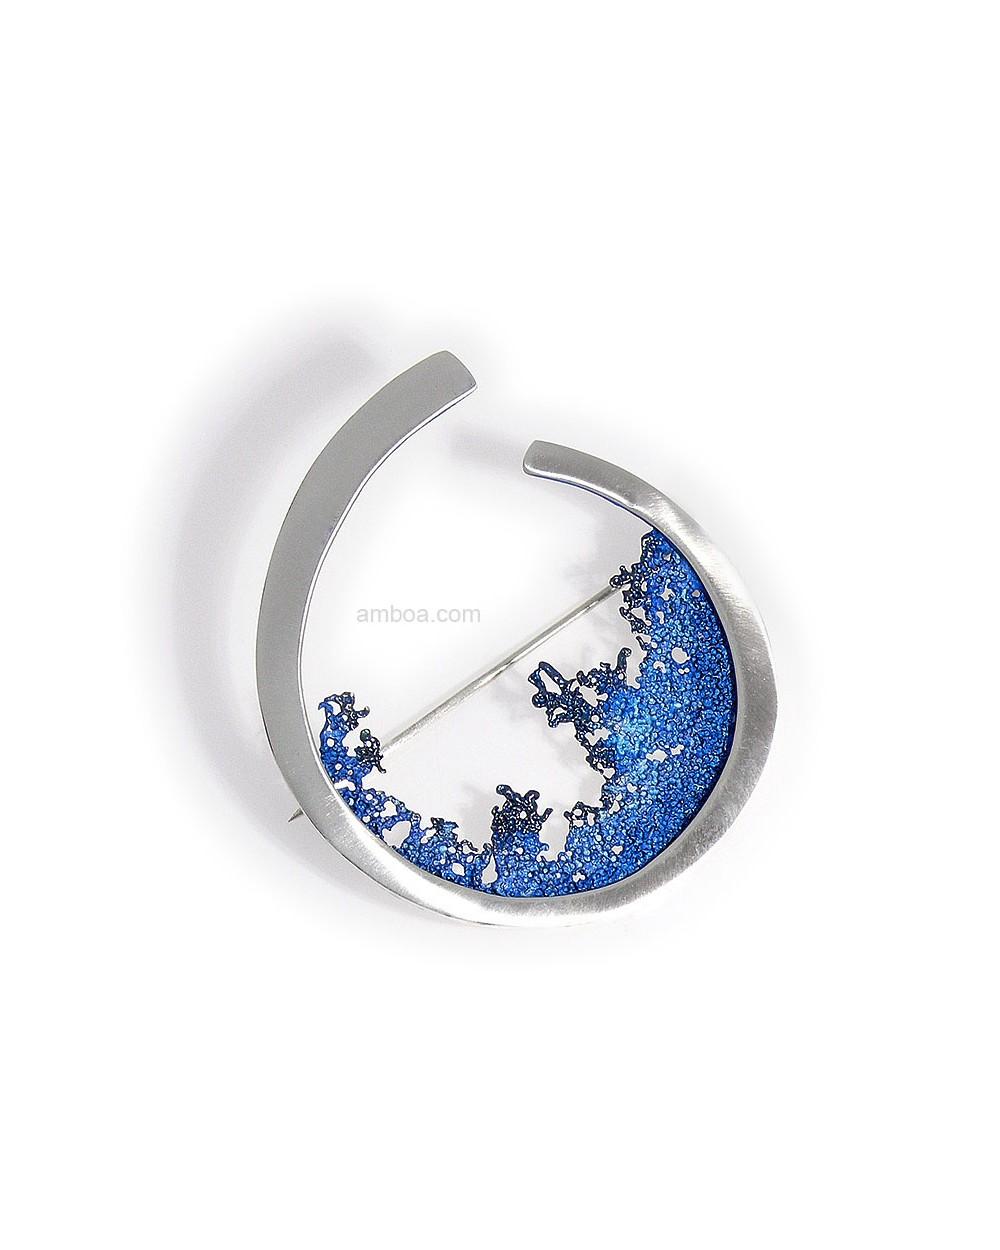 Amboa Broche Ola Orfega Plata Pigmento azul